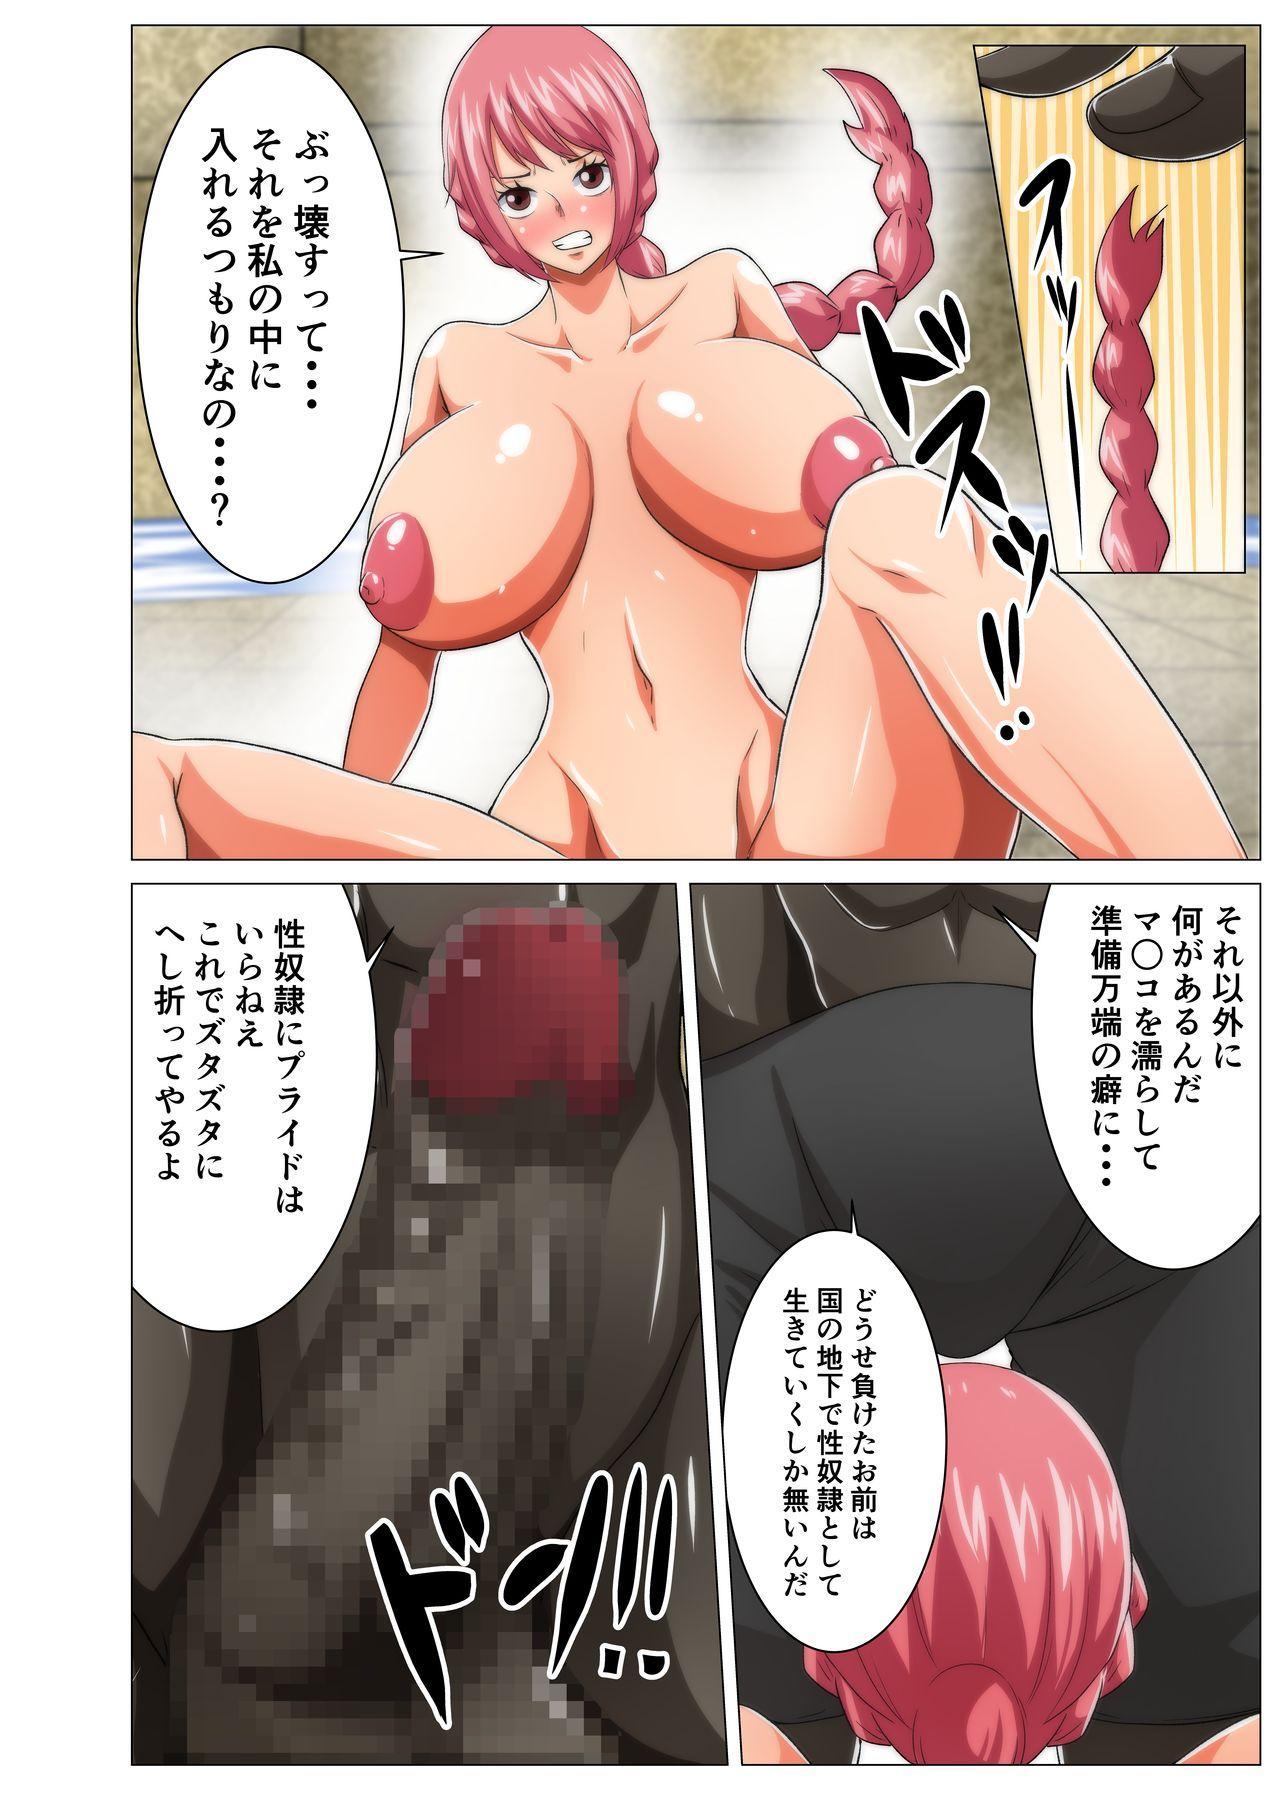 Onna Kentoushi no Shakuhou o Kaketa Chousen 7